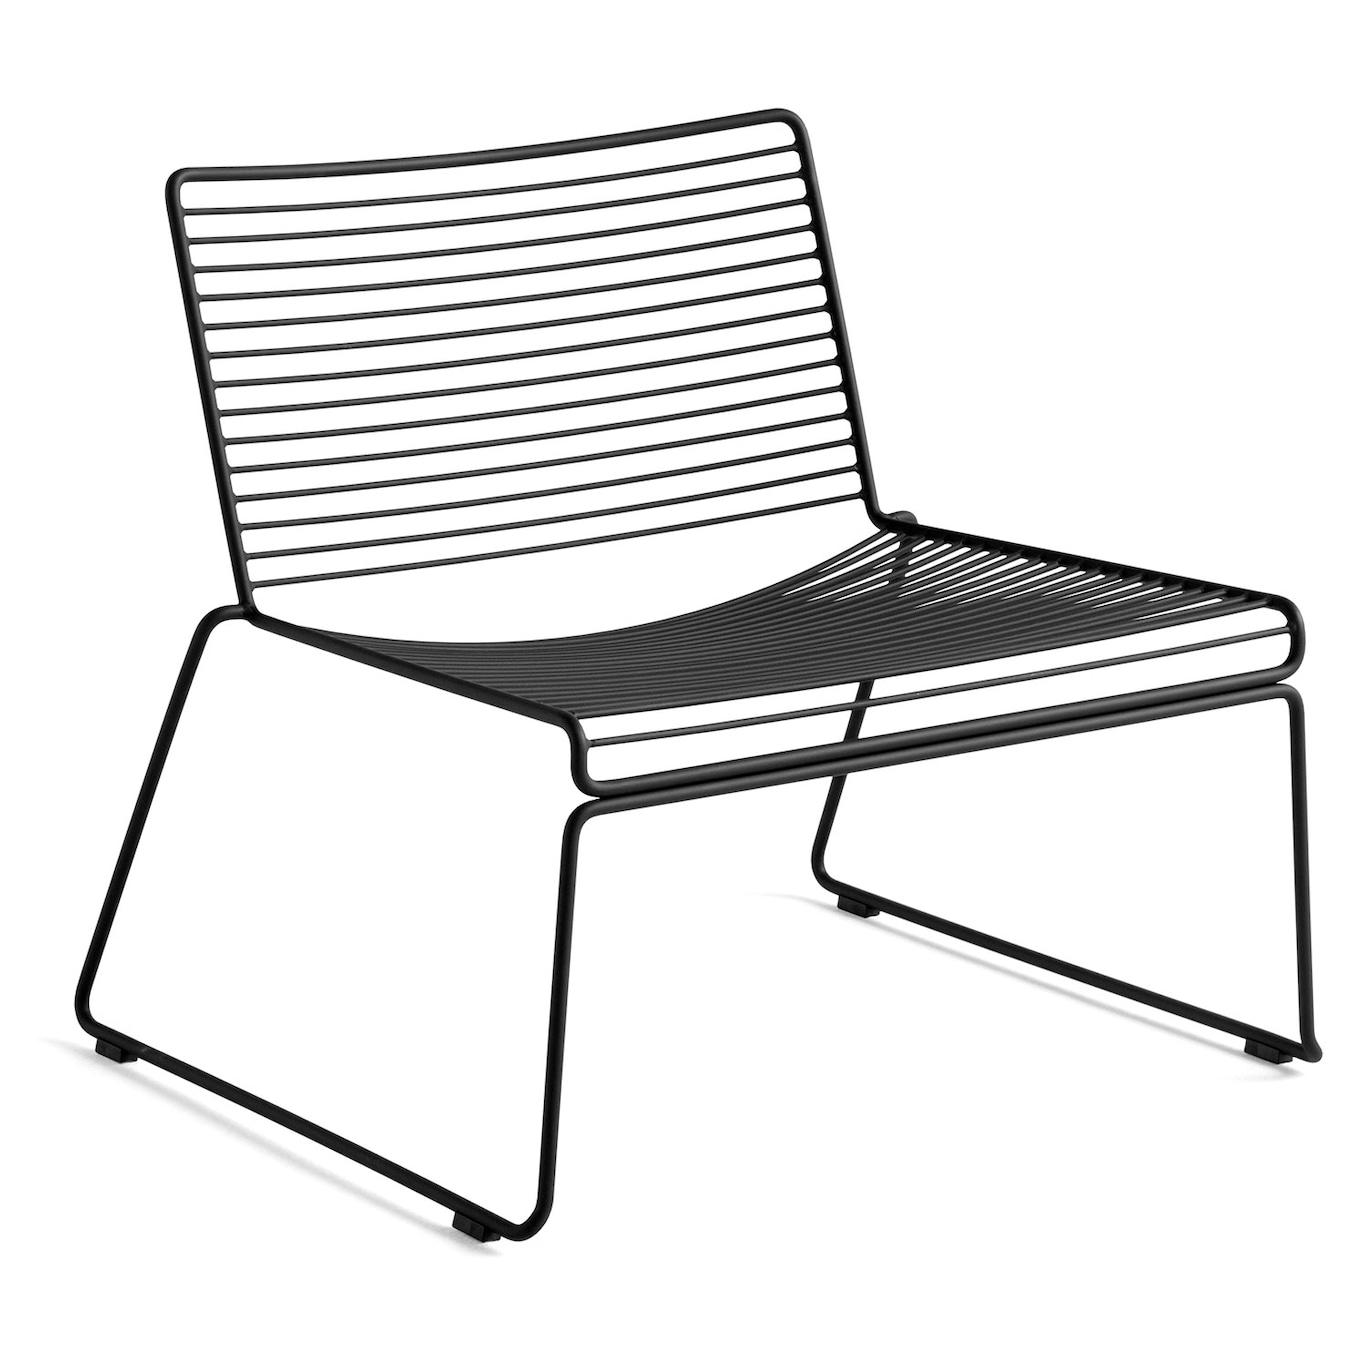 Uvanlig Hee Lounge Chair, Hvit - Hay @ Rum21.no FD-69